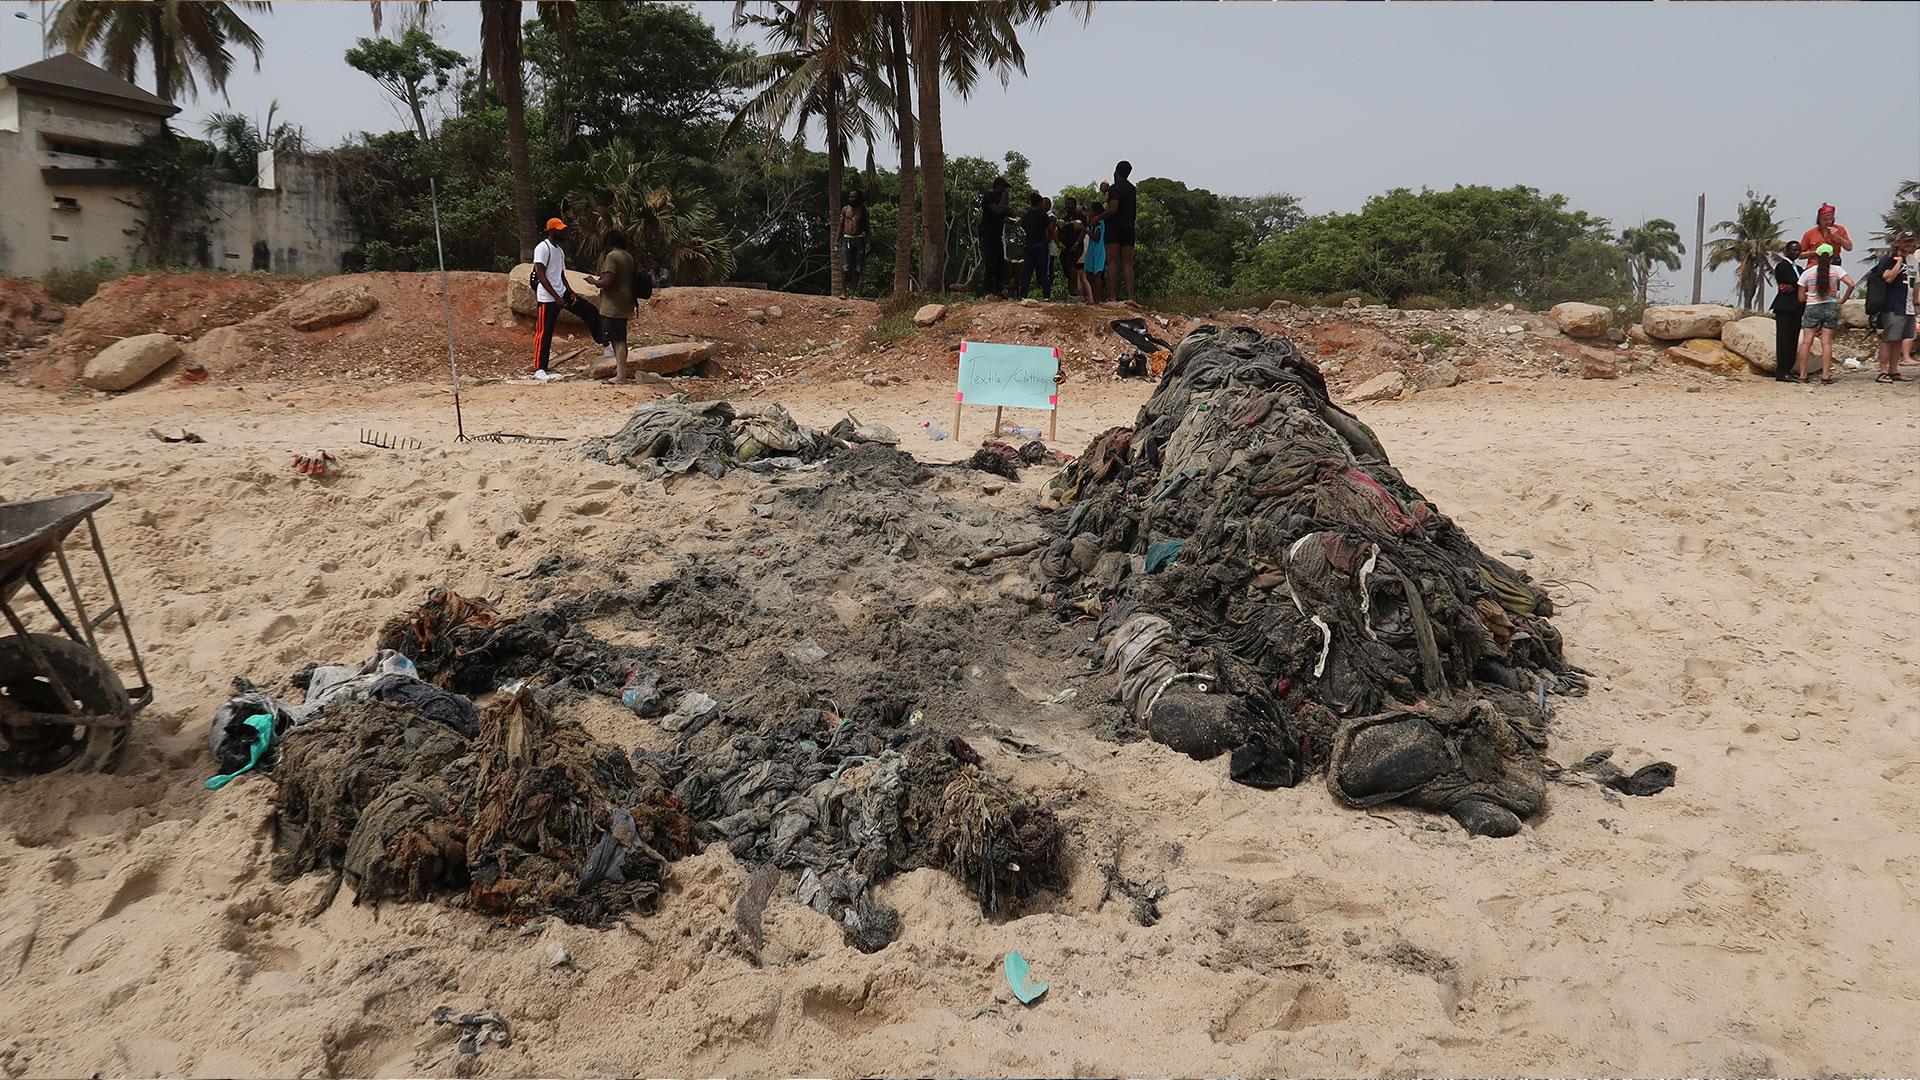 Textile waste on Ghana beach